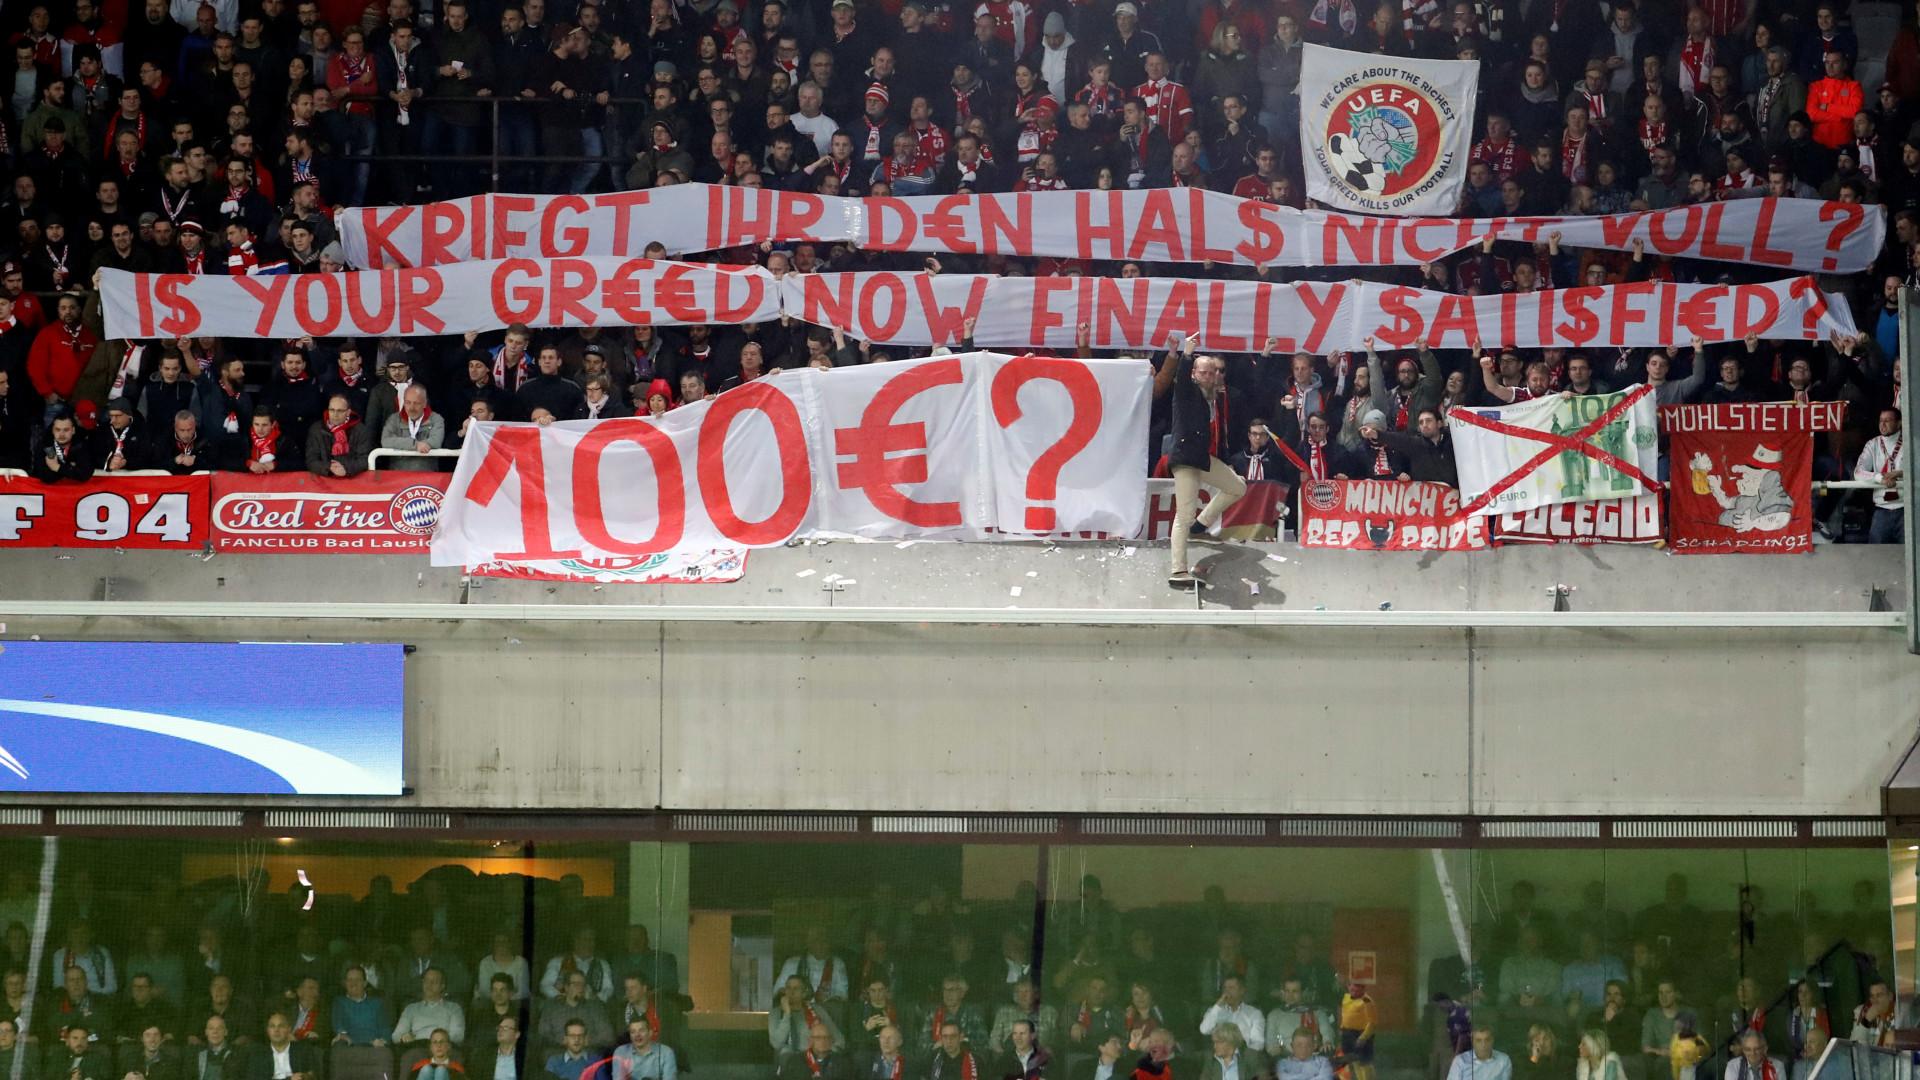 UEFA obriga o Anderlecht a reembolsar os adeptos do Bayern Munique